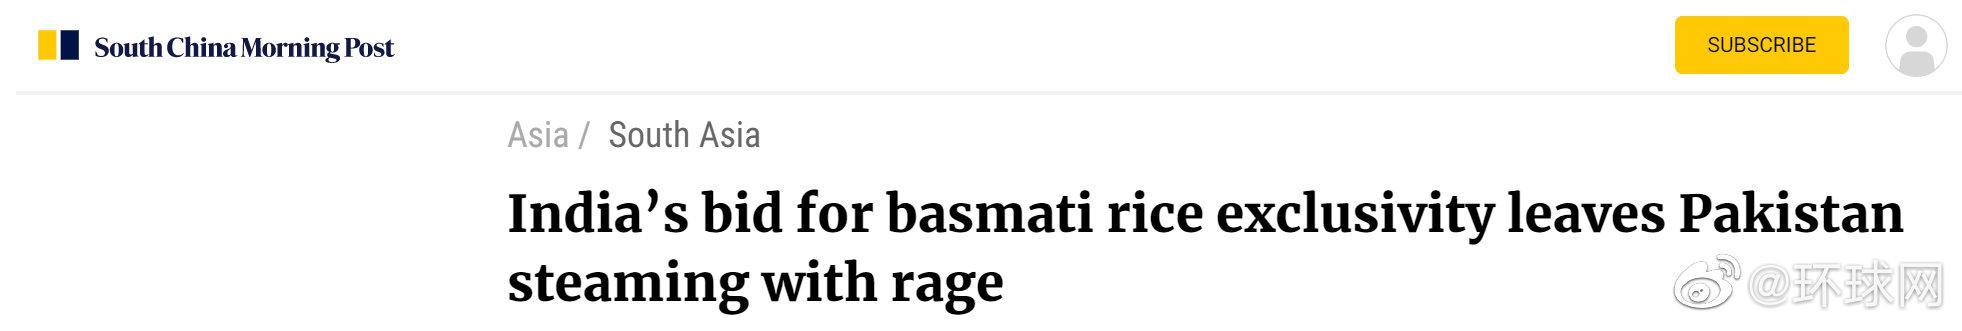 """印度要求欧盟承认巴斯马蒂大米""""起源""""印度……"""